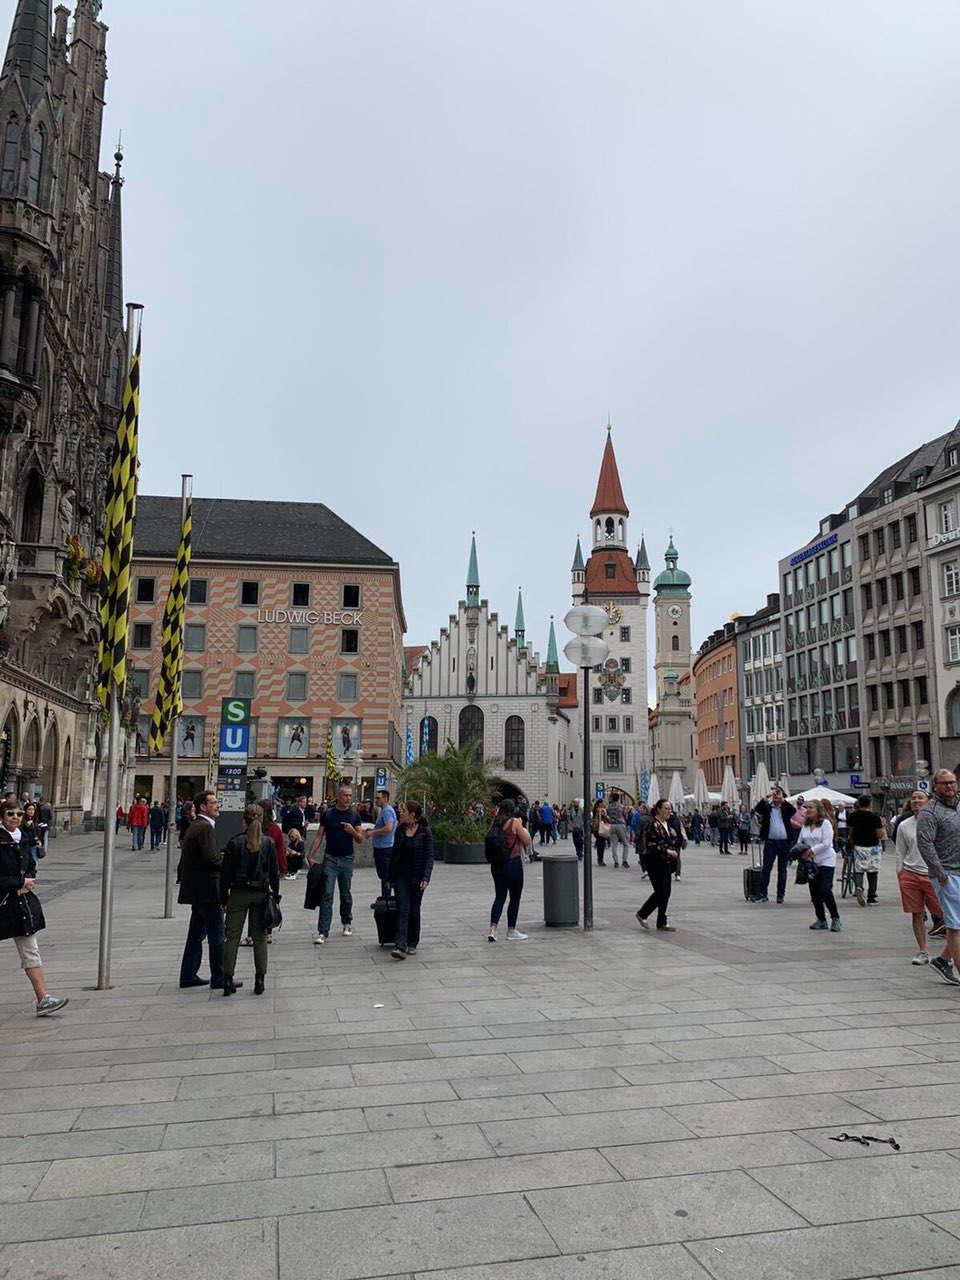 """<h1><span style=""""color: rgb(0, 71, 178);"""">Da sie es einfach nicht bei allen Arten von Touristenforen und Sehenswürdigkeiten nennen: """"Mega-Shop"""", """"Shopping-Mekka"""", """"Einkaufsparadies"""", """"Vinyl-Herz Deutschlands"""" usw. Jede Metropole hat etwas Ähnliches: GUM in Moskau, Bloomingdale in New York, Kaufhaus des Westens (KaDeWe) in Berlin, Harrods in London ... Aber nur wenige der größten Kaufhäuser der Welt können sich rühmen, dass sie gegründet wurden eine geschichte aus einem einfachen knopfladen. Aber es war so - 1861 eröffnete der ehrgeizige und unternehmungslustige Ludwig Beck (bitte nicht mit dem berühmten deutschen General verwechseln !!!) ein Geschäft mit zwei Verkäufern und einem Studenten. Nur!!! Trotzdem machten die Lage, das Sortiment und der exzellente Service für die Boutiquen schnell eine gute Geschichte: Aus diesem Grund entwickelte sich ein florierendes Geschäft und Beck erweiterte seine Räumlichkeiten (die übrigens bis heute den größten Teil des Kaufhauses ausmachen) ) Seit 1876 zog der Laden die Aufmerksamkeit von König Ludwig II. Von Bayern auf sich, was sich natürlich auf die Aufwertung dieses """"Outlets"""" auswirkte. Mit der Zeit wurde das Einzelhandelsangebot erweitert und die Boutiquen an der Ecke Marienplatz wurden zu einem vollwertigen Kaufhaus. Derzeit blüht das """"Haupthandelshaus"""" der bayerischen Landeshauptstadt weiter (vor allem durch den Verkauf von Designermode und Markenzubehör, dessen Sortiment jeden Shopaholic beeindrucken wird). Hier im fünften Stock befindet sich eines der größten Musikgeschäfte der Welt, und Ludwig Beck ist nachts sehr schön - für Liebhaber aller nächtlichen Fotoshootings.</span></h1>"""